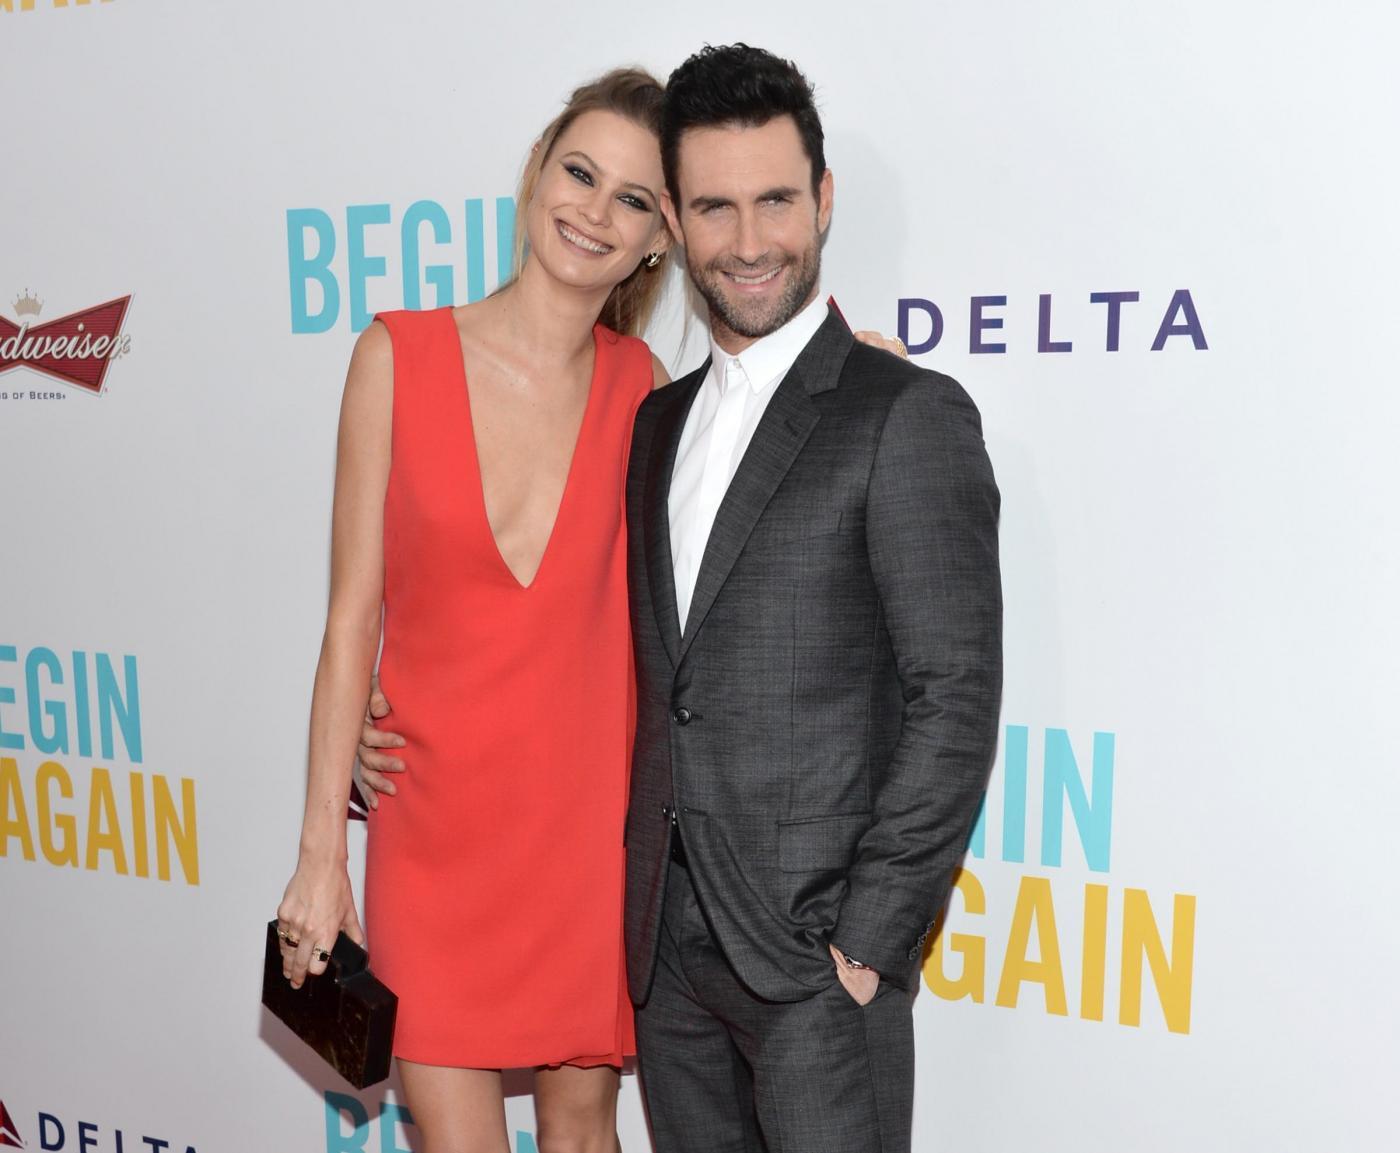 Adam Levine dei Maroon 5 si è sposato: nozze in Messico con Behati Prinsloo